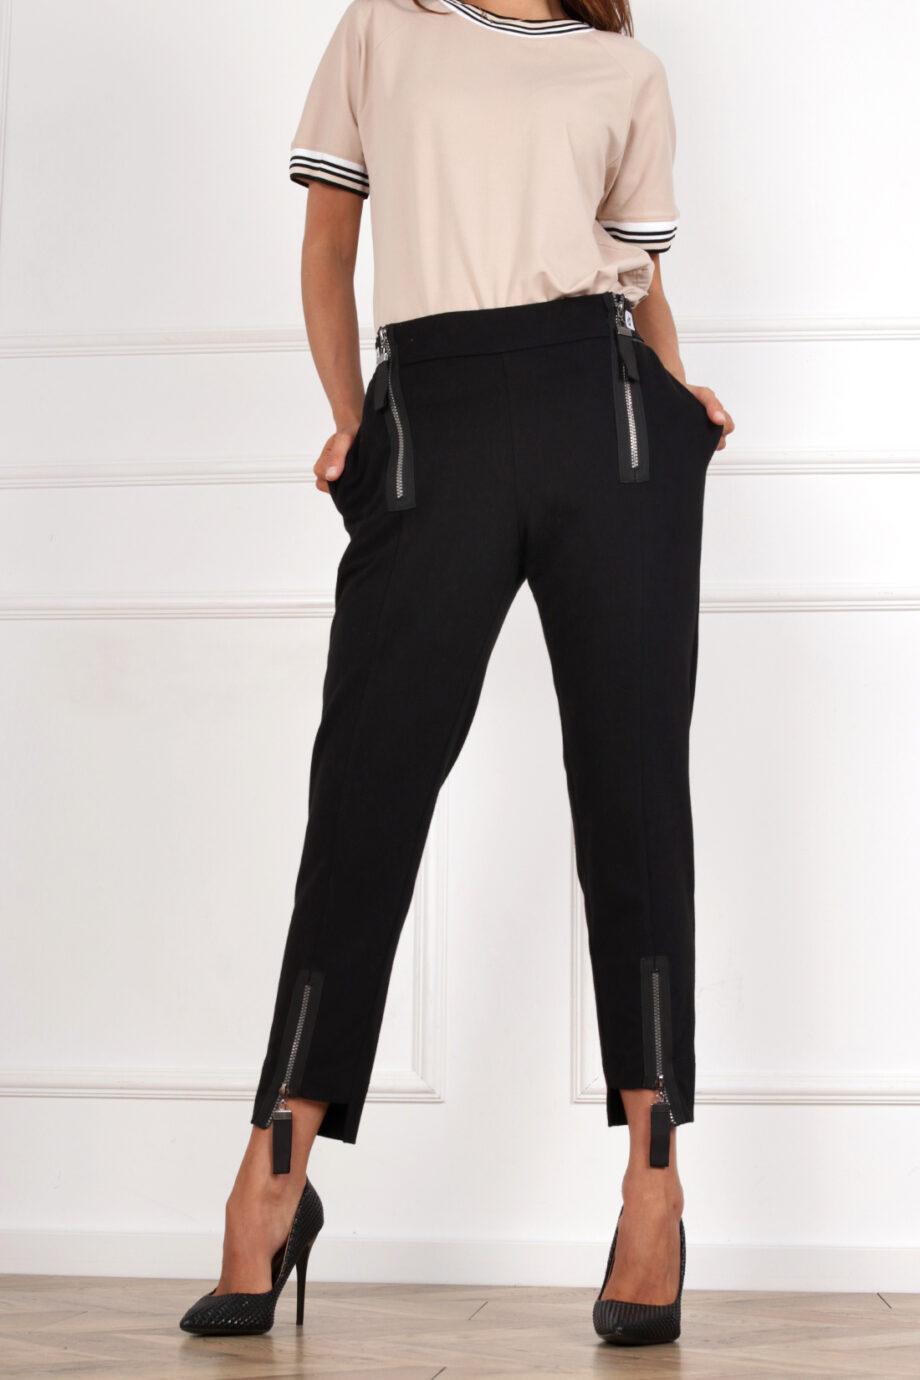 ZOE spodnie (2)